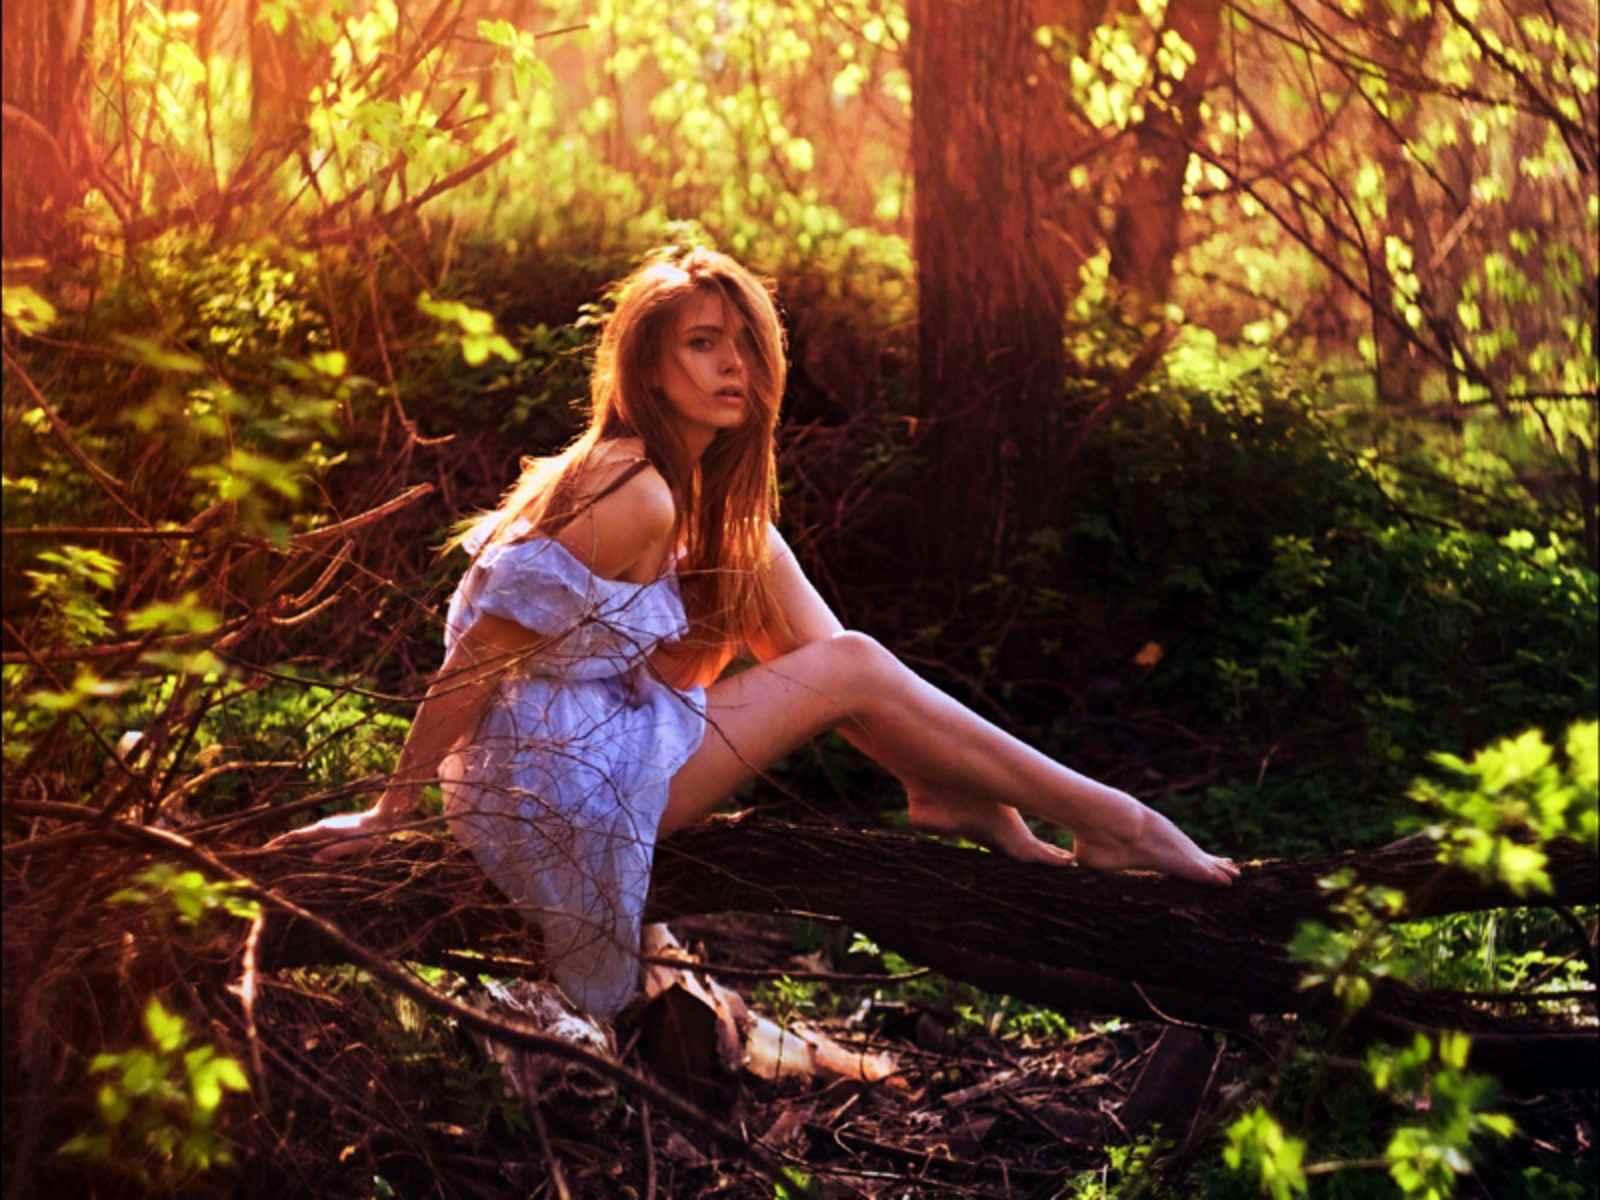 Русское порно с девочкой в лесу 26 фотография